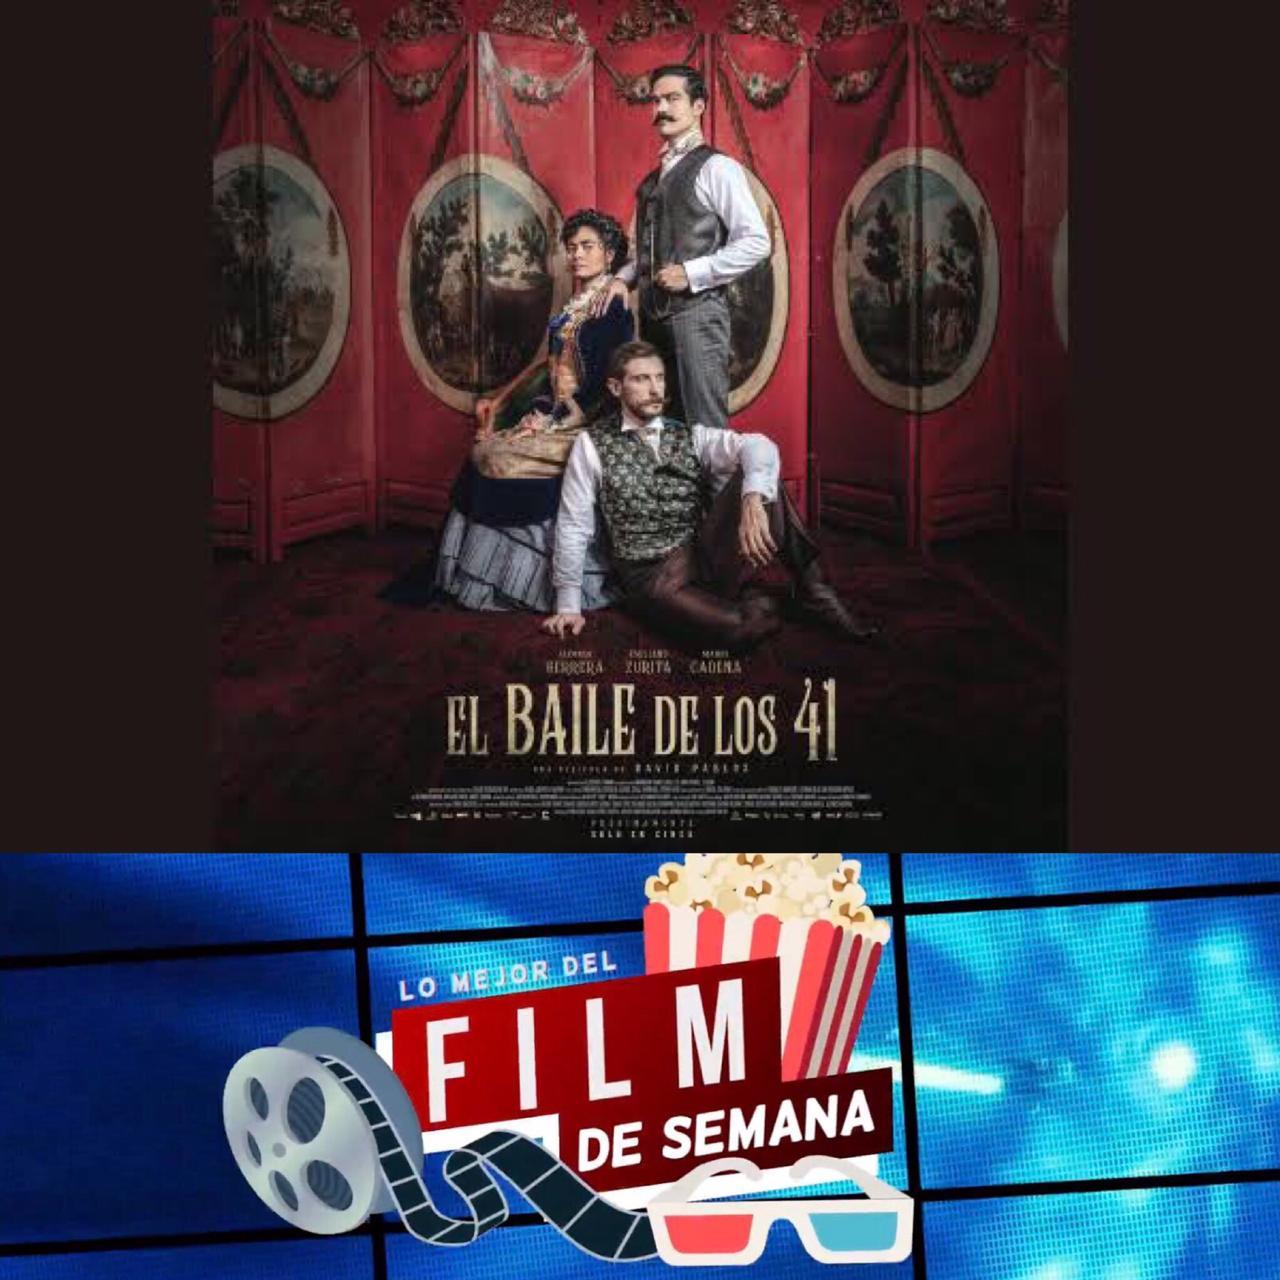 El Film de la Semana, El Baile de los 41, revisión de una sociedad de apariencias y opresión